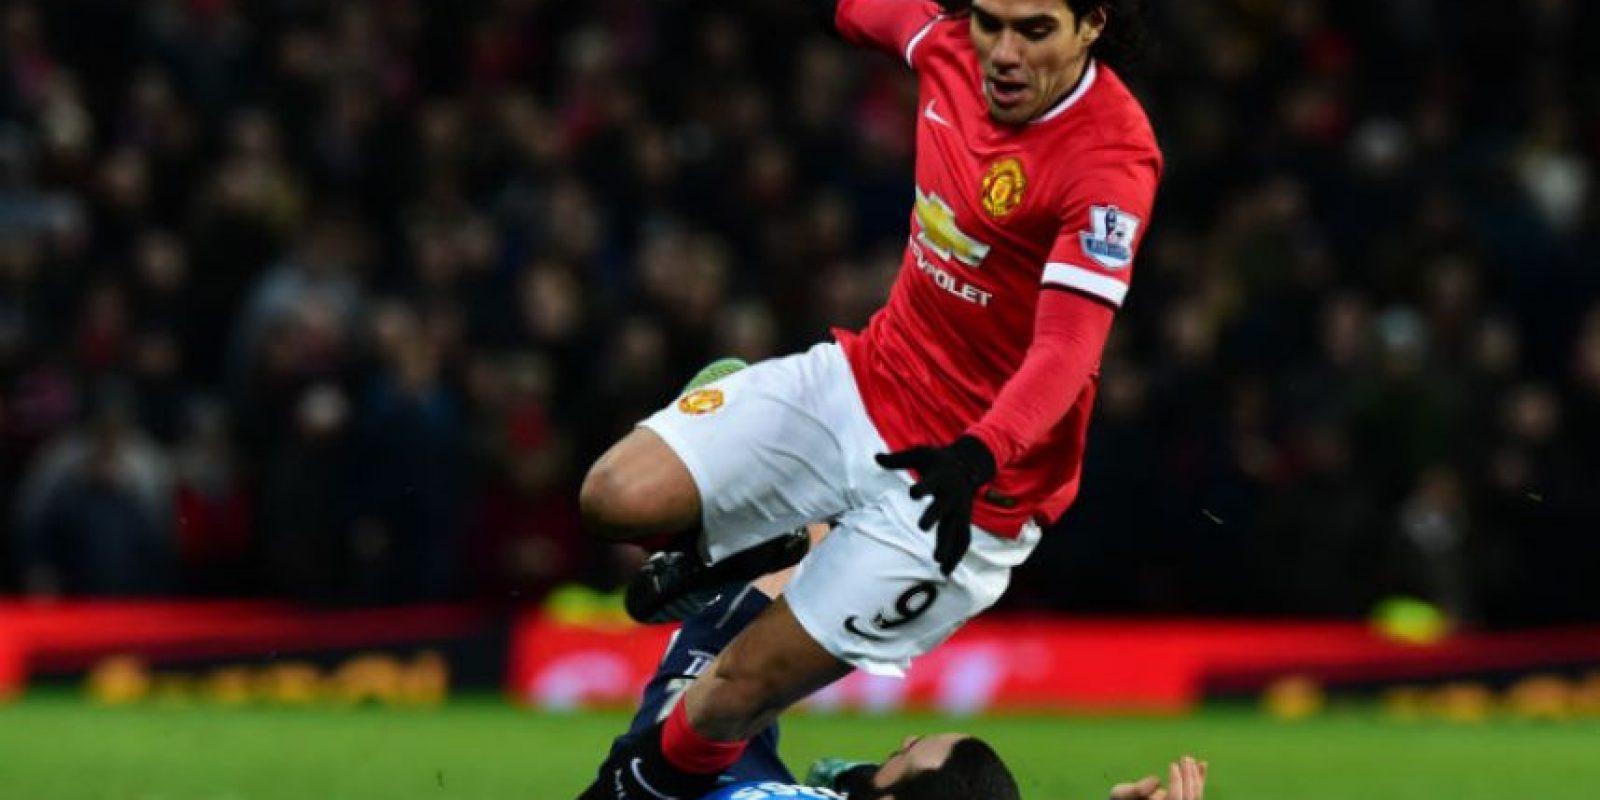 El colombiano no pudo figurar en el juego ante el Stoke City. Foto:AFP